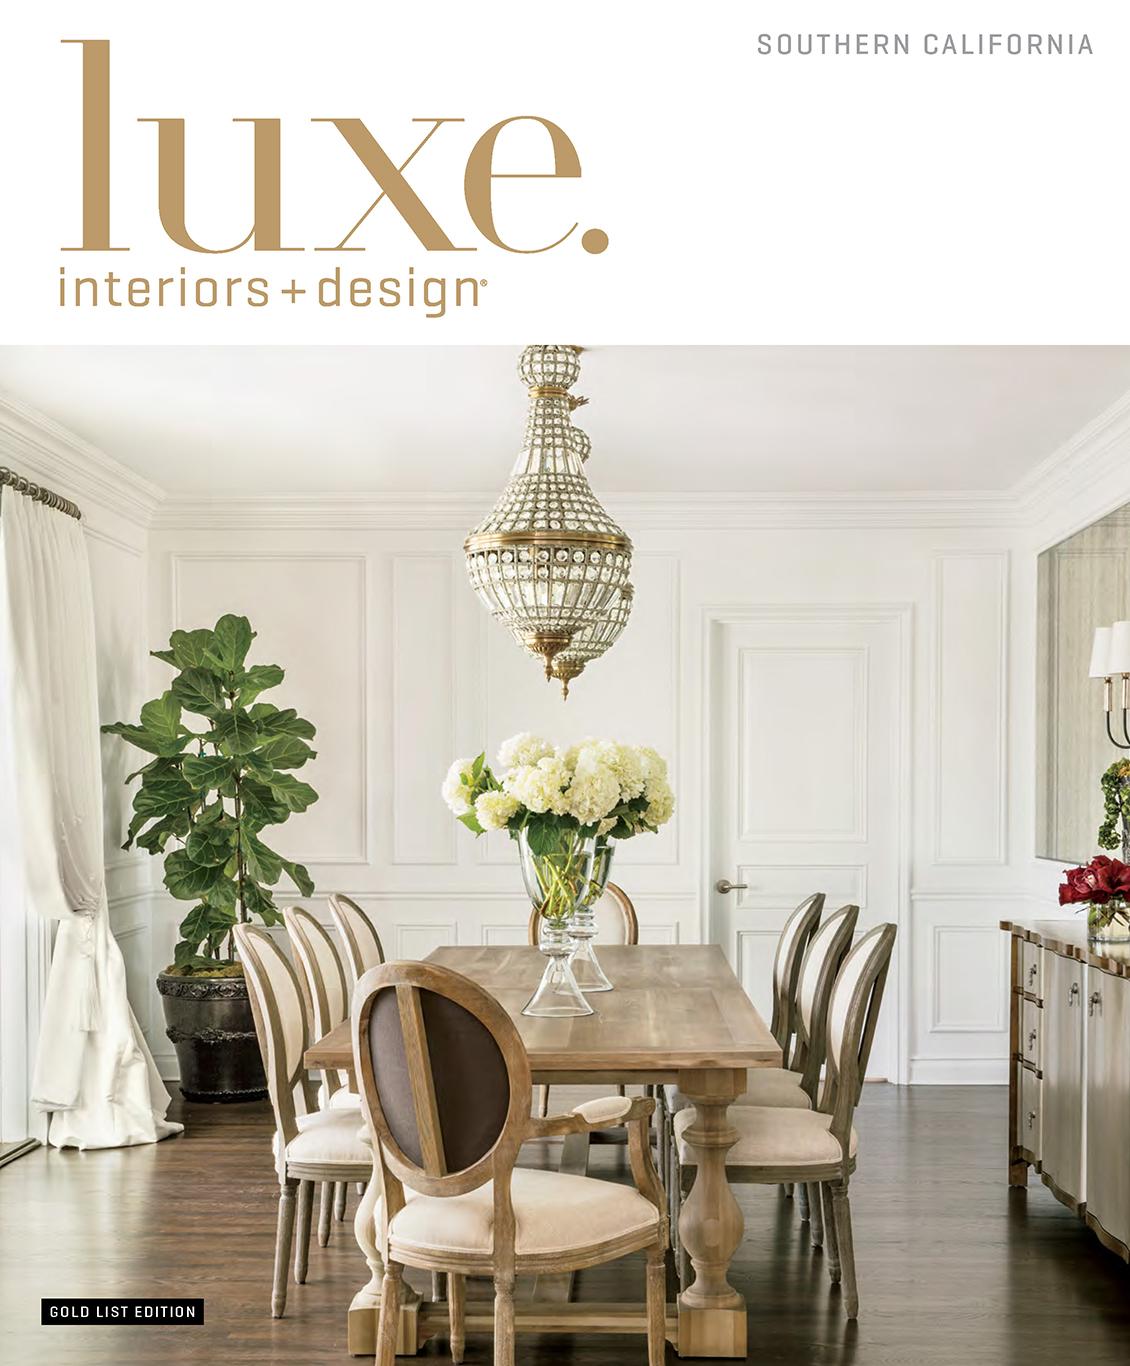 Melinda Grubbs Interior Design - Luxe interiors + design - April 2014